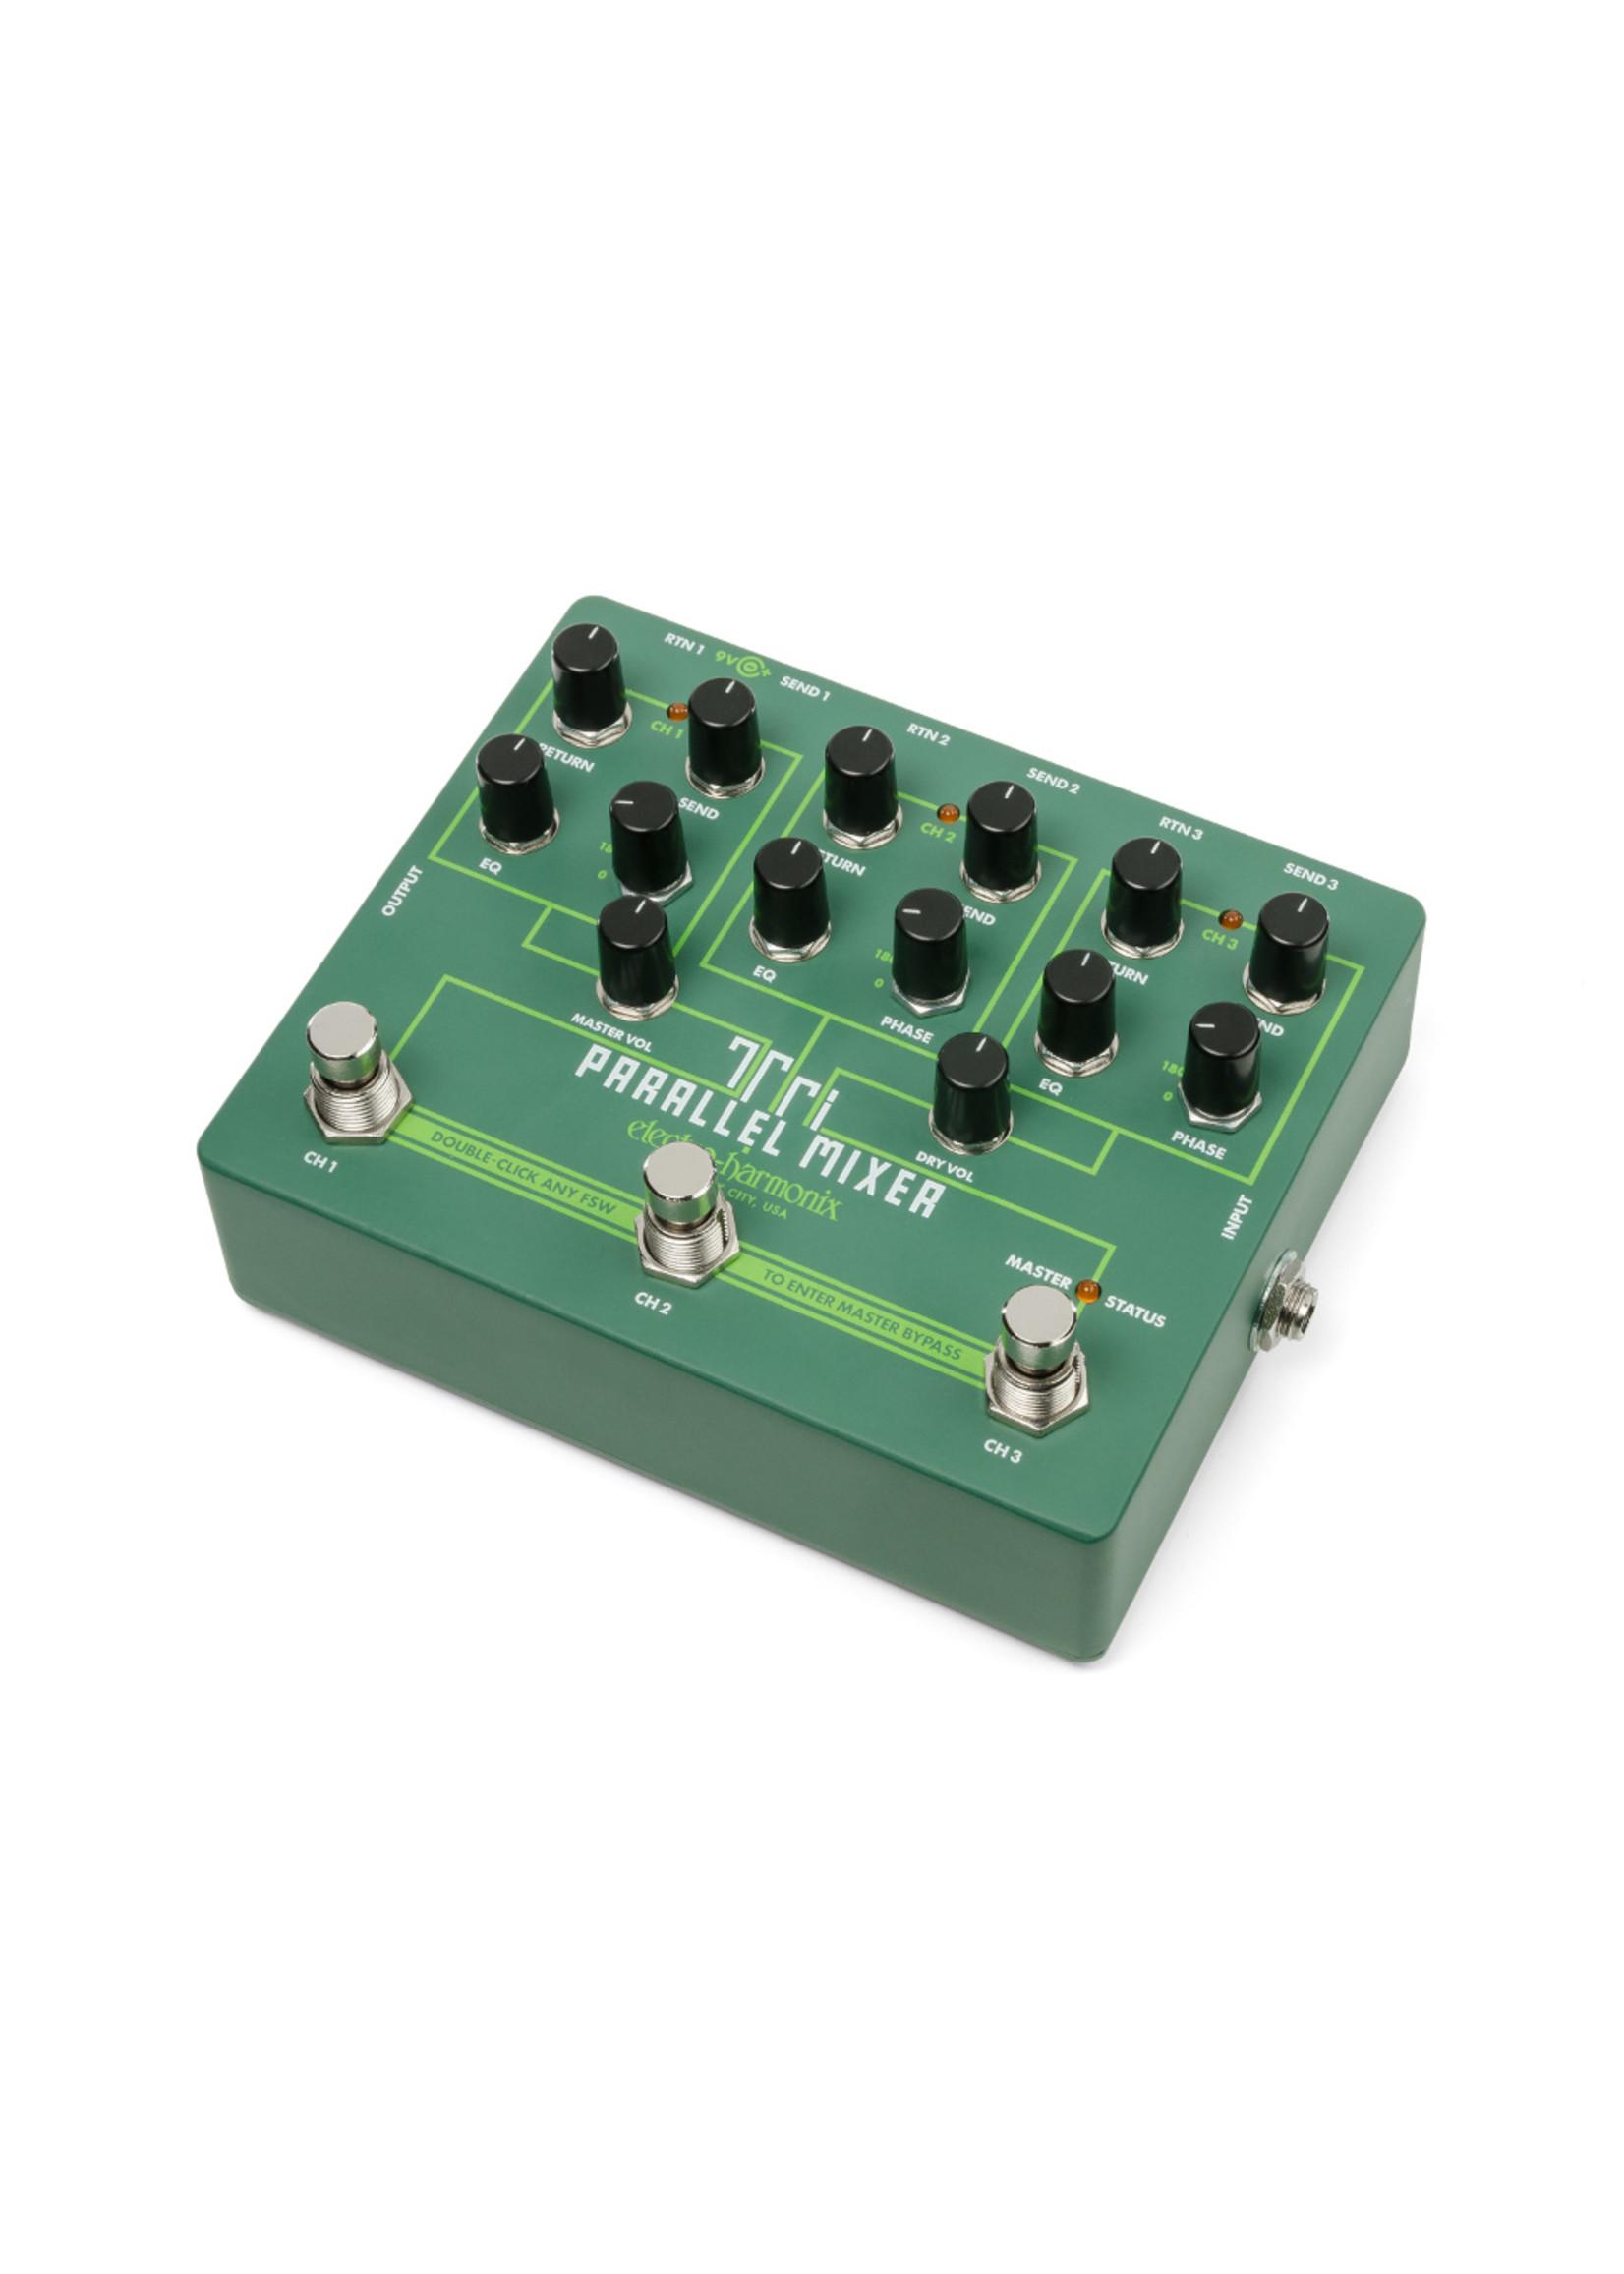 Electro-Harmonix Electro-Harmonix Tri Parallel Mixer